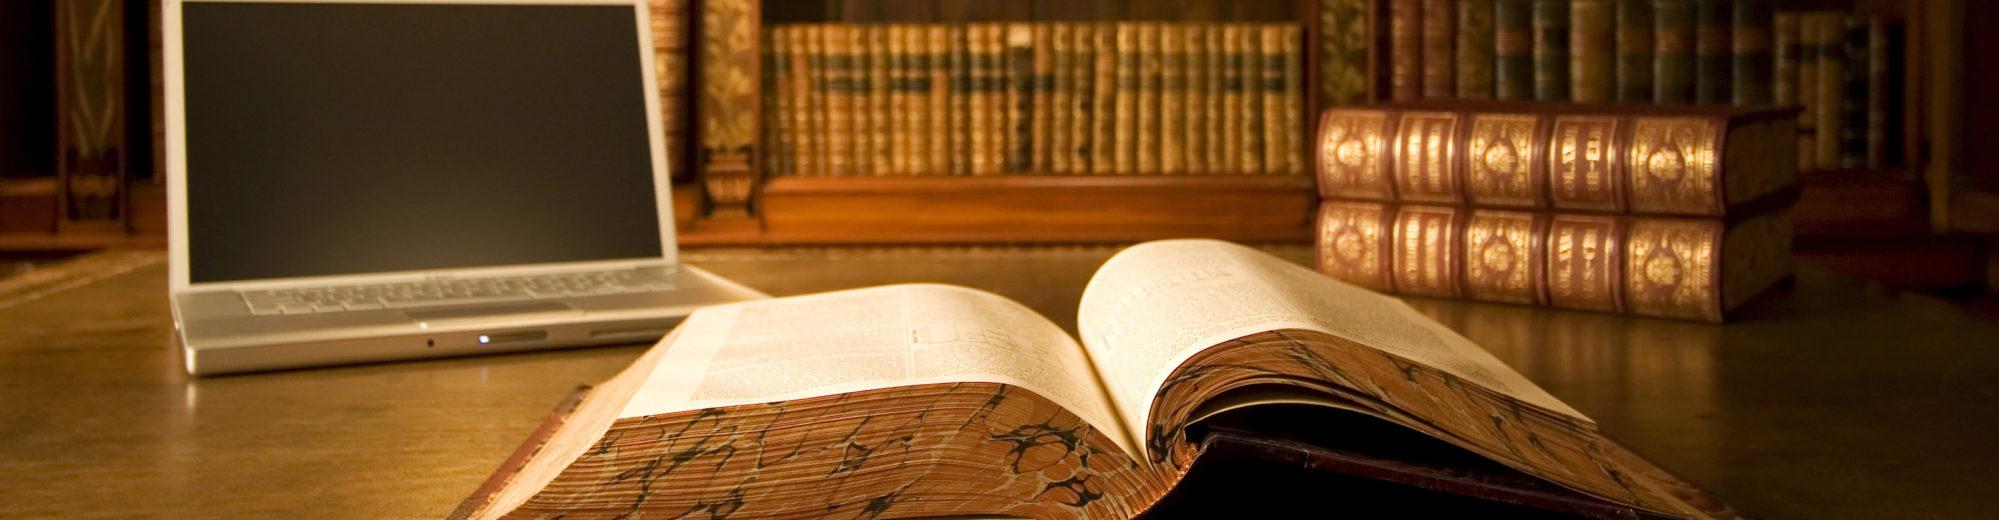 Studio Legale Avv. Paolo Alfano